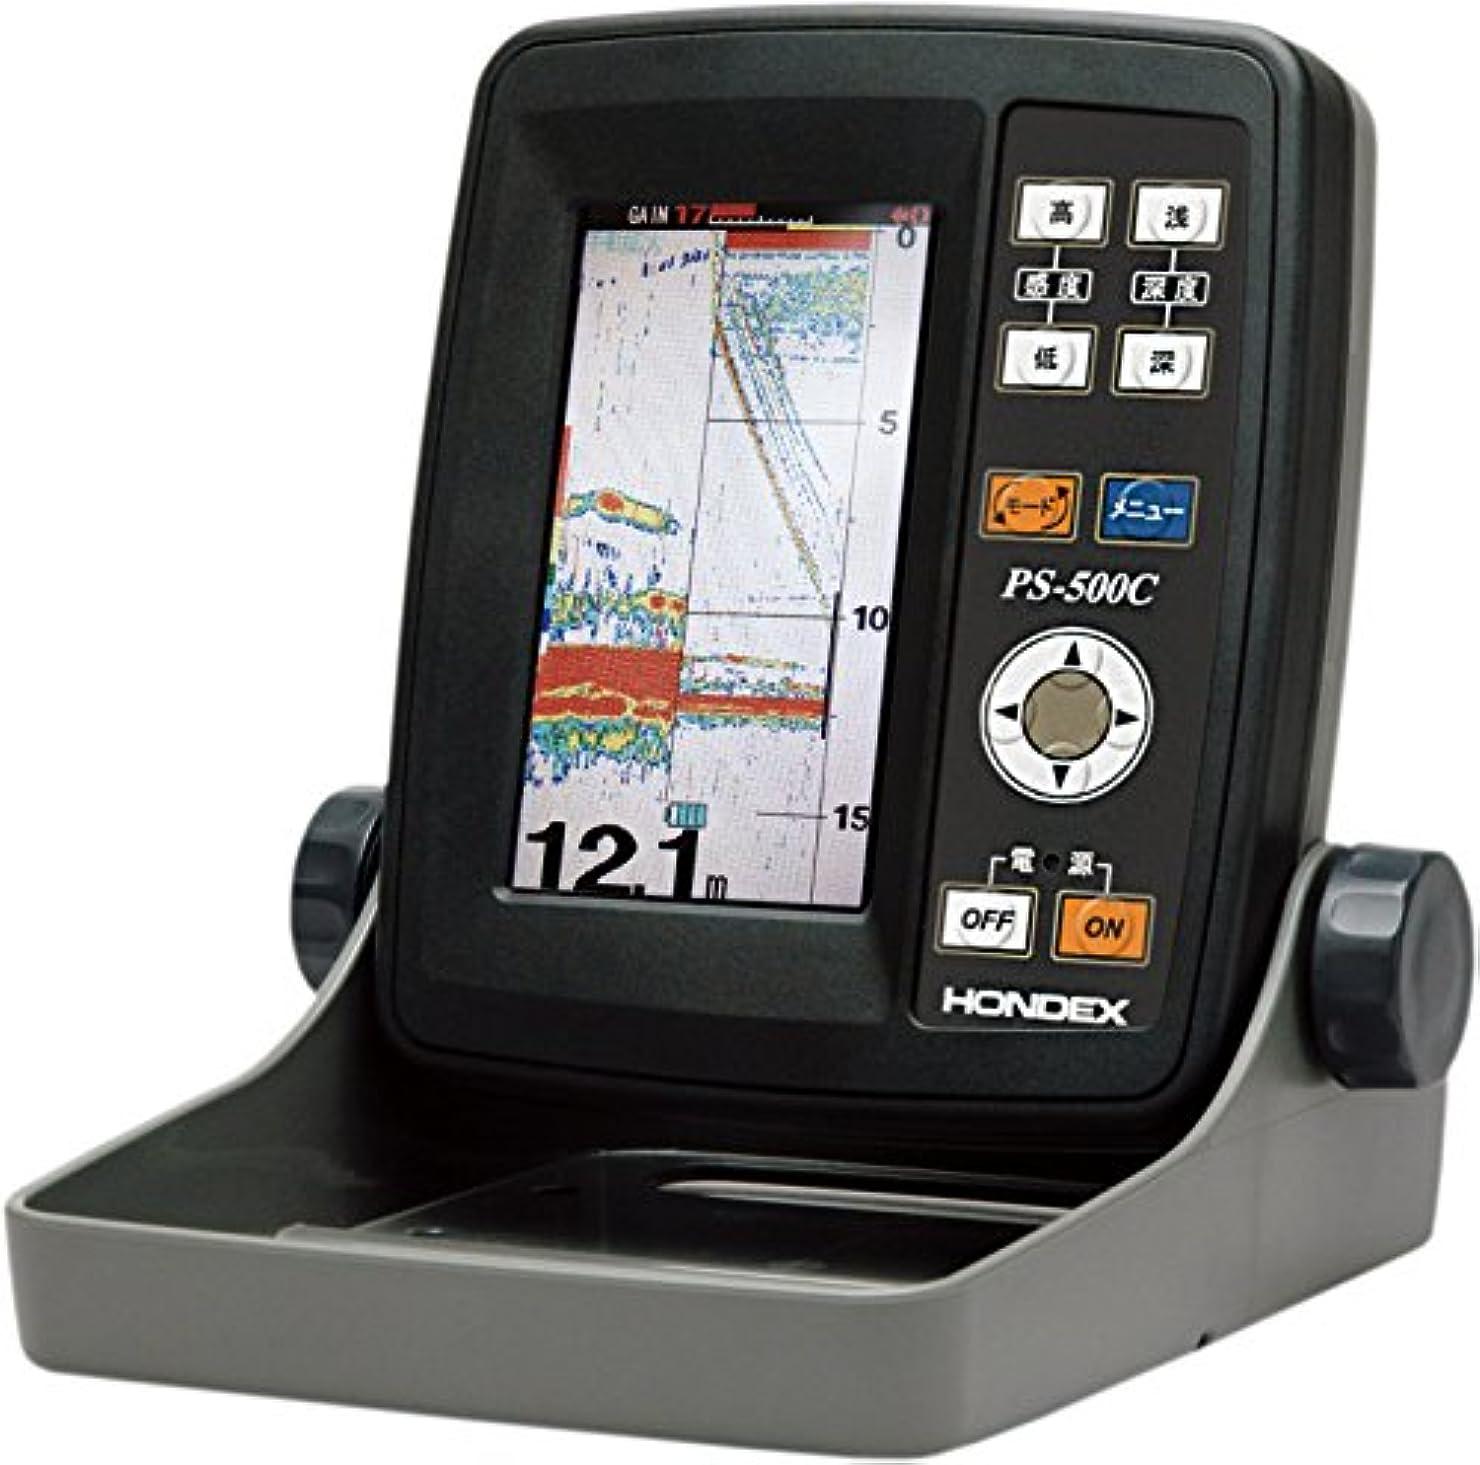 牧師緊張する資金HONDEX(ホンデックス) 魚群探知機 ポータブル魚探 PS-500C 振動子 TD7 ワカサギパック 4.3型ワイド